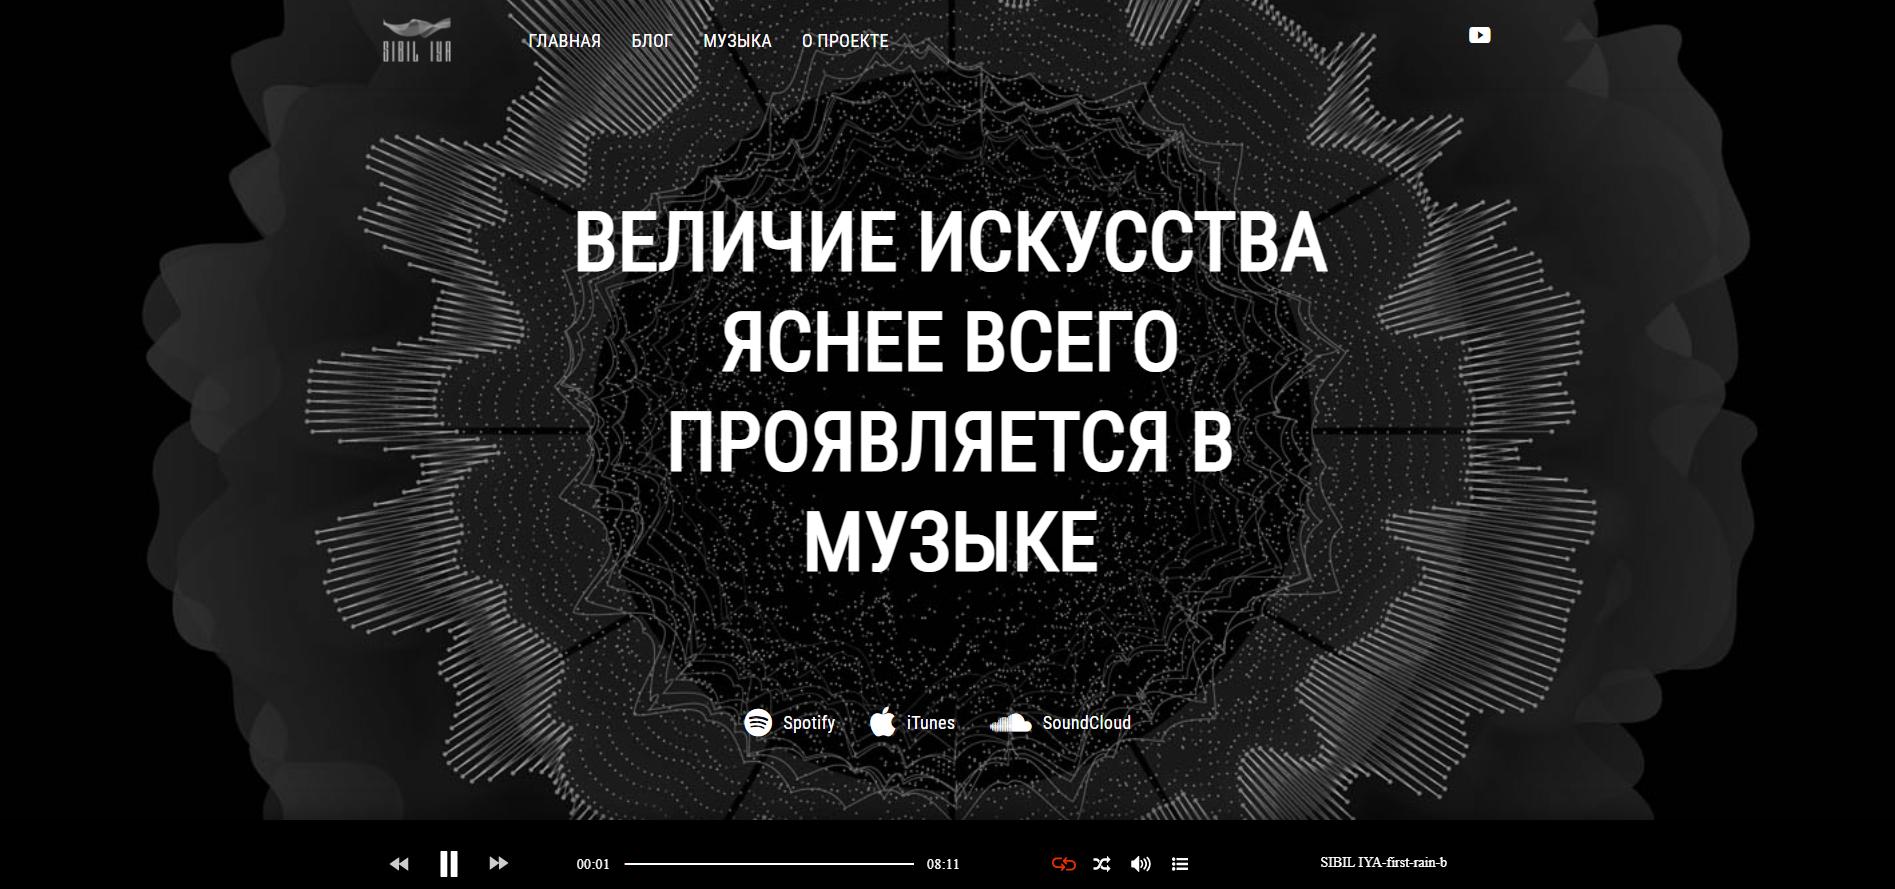 Официальный сайт Антона Сибиля и его проекта SIBIL IYA